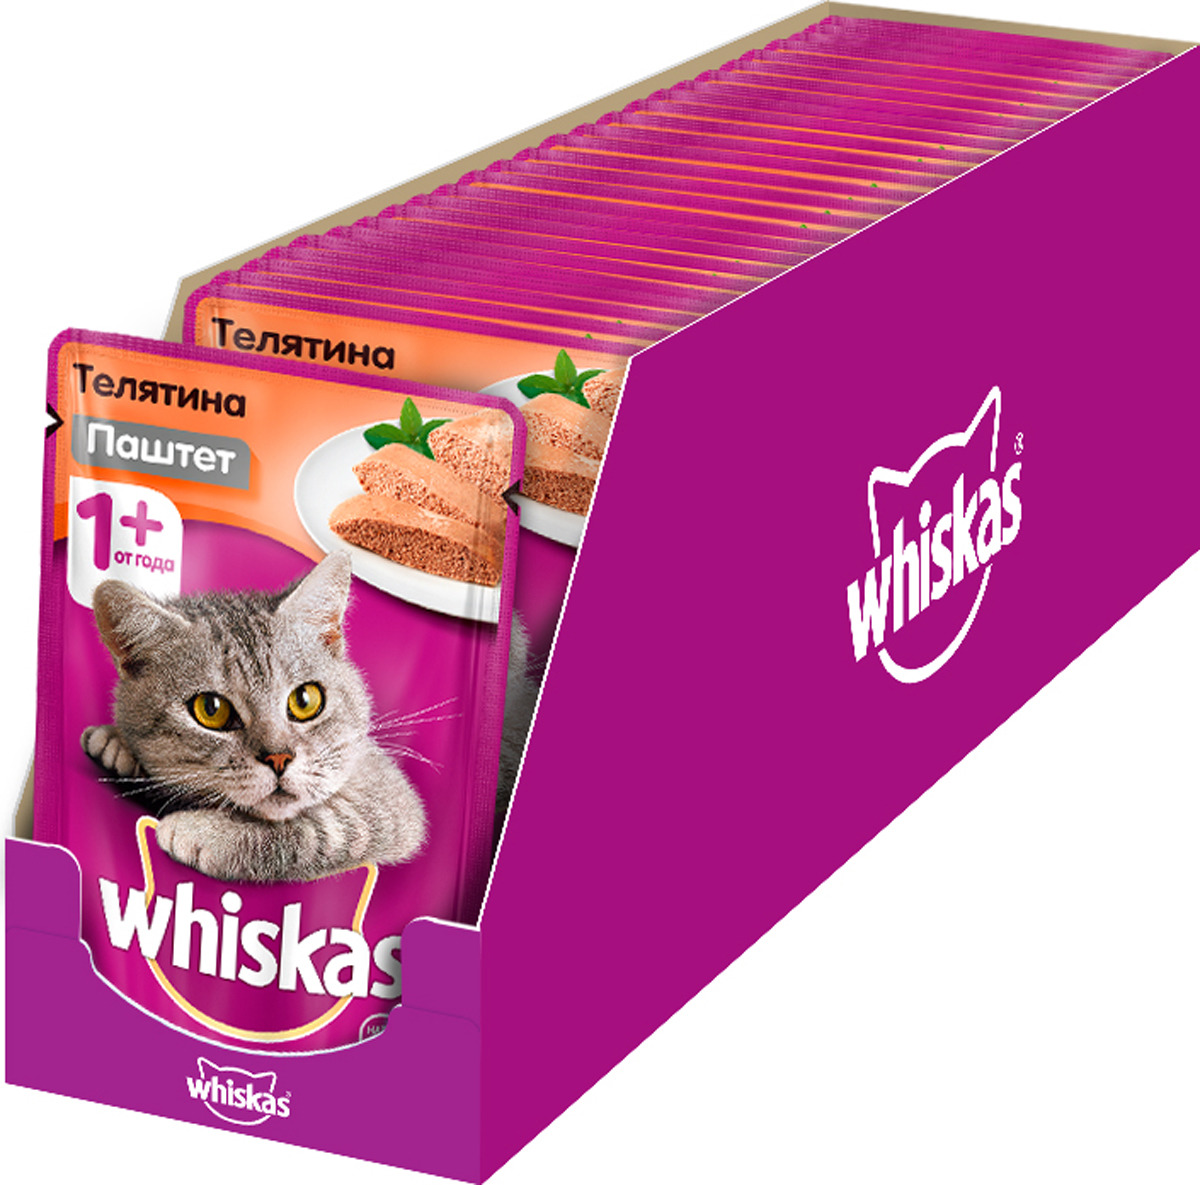 Консервы Whiskas для кошек от 1 года, мясной паштет с телятиной, 85 г, 24 шт консервы whiskas для кошек от 1 года мясной паштет из говядины с печенью 85 г х 24 шт